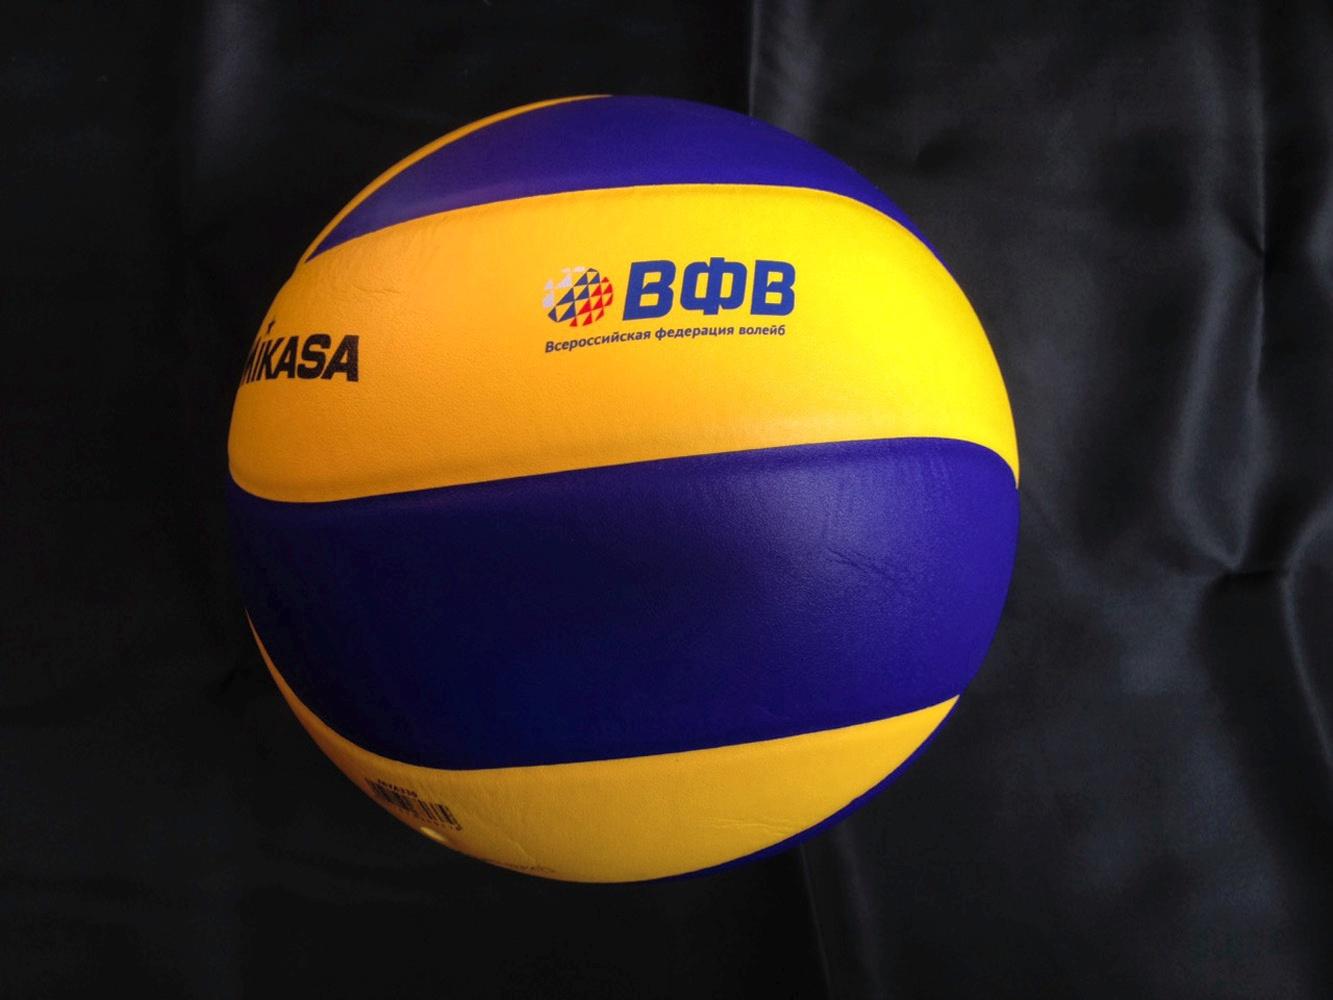 Как сделать волейбольный мяч фото 20